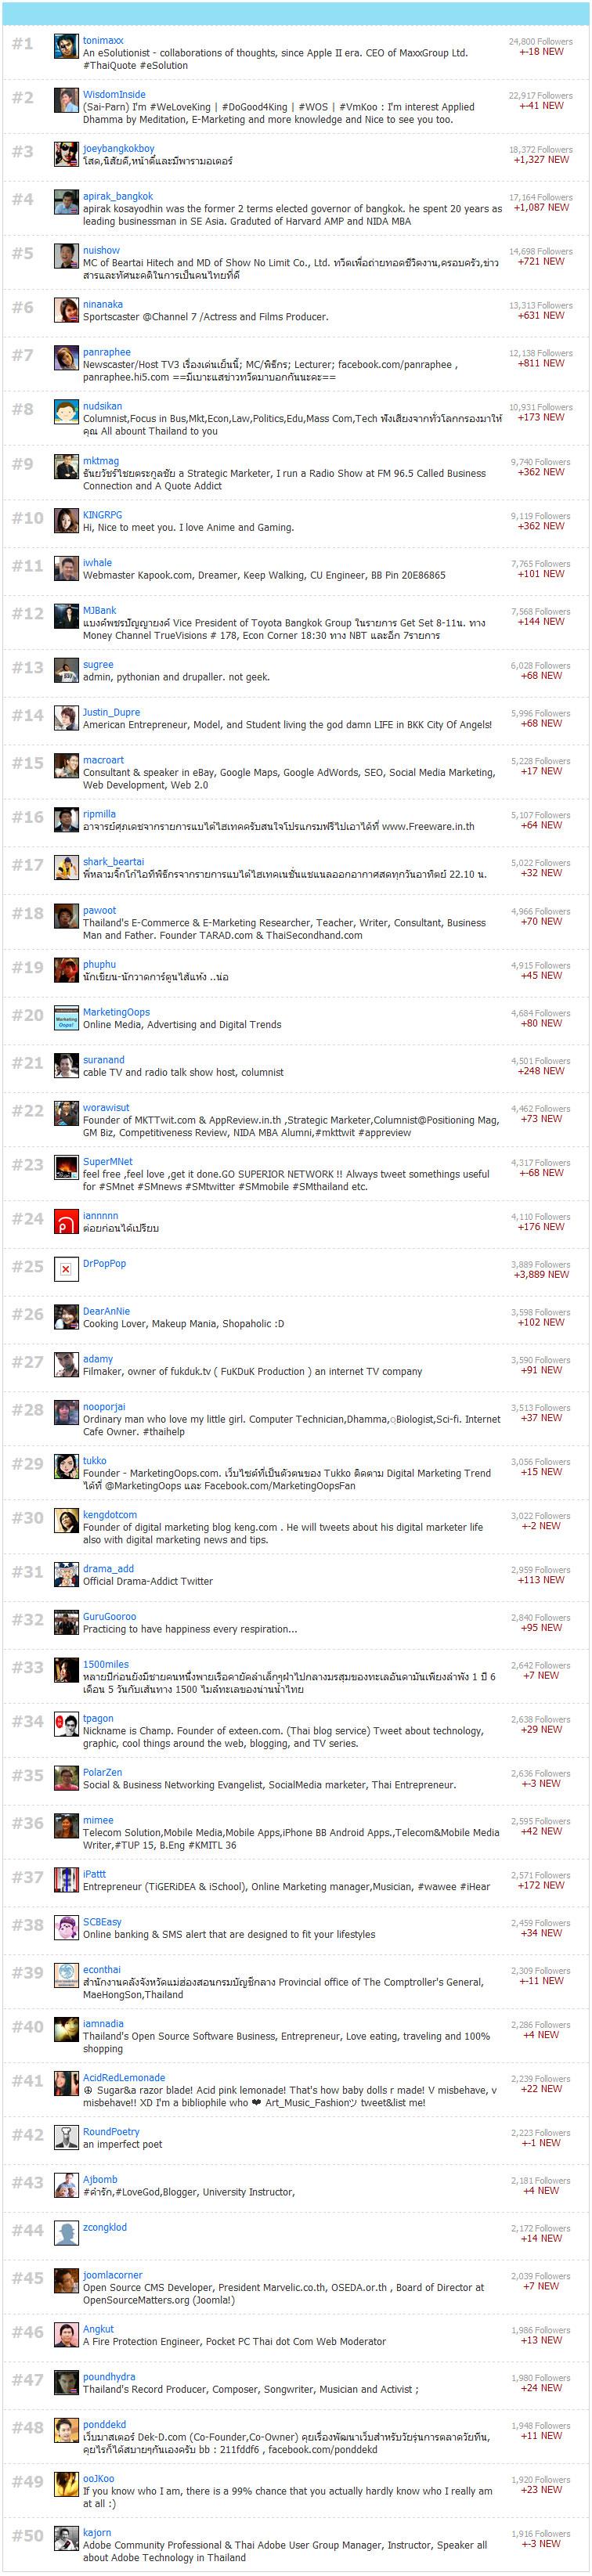 50 อันดับ Twitter ไทยที่มี Followers สูงสุด